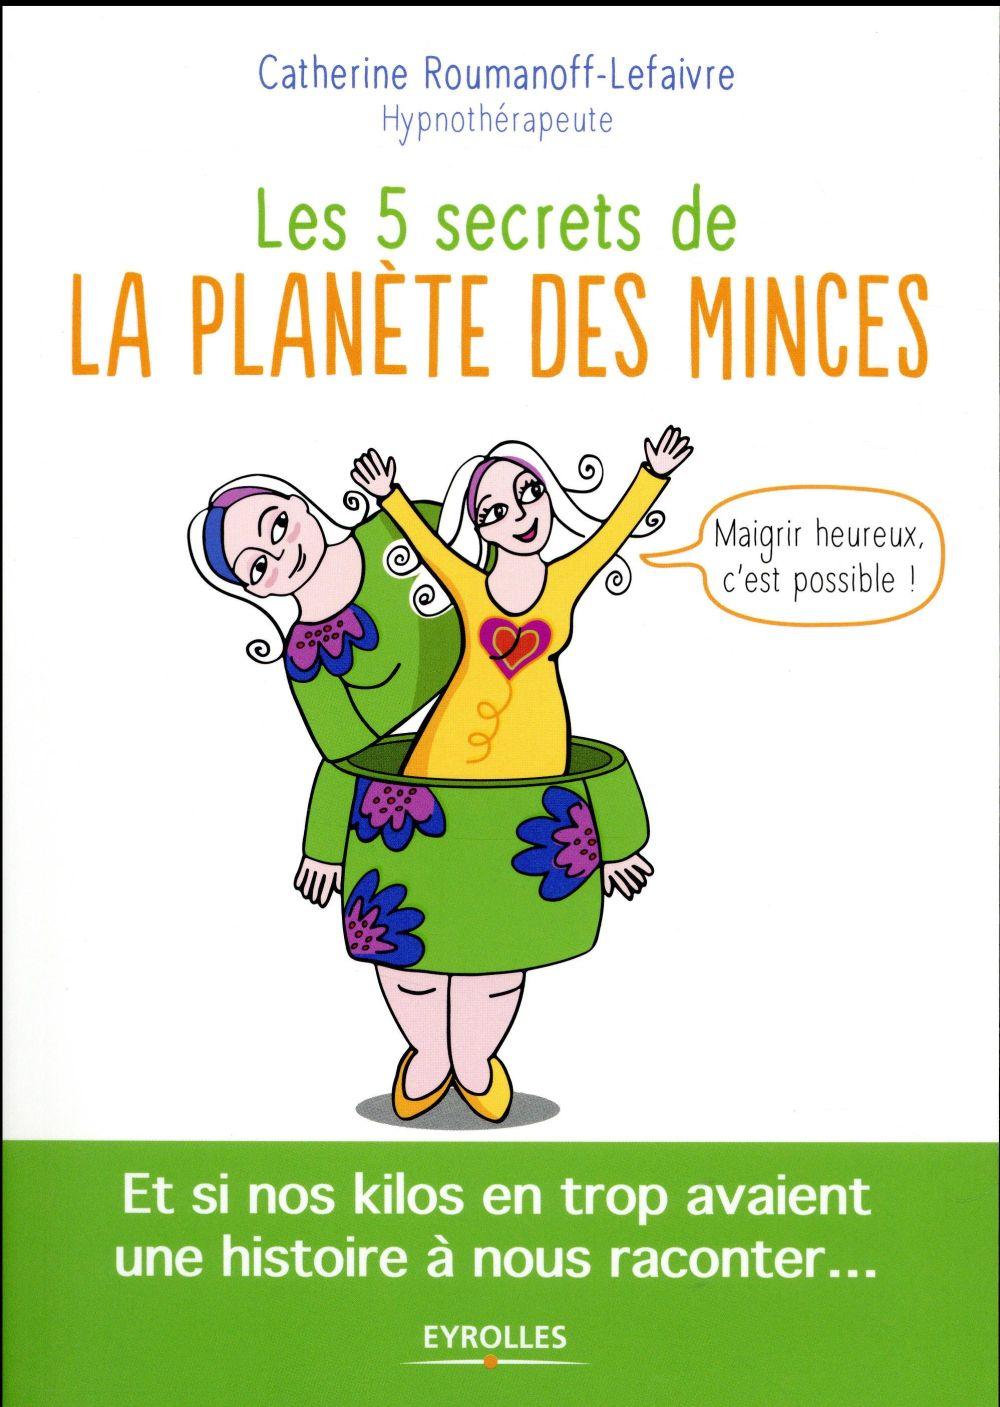 LES 5 SECRETS DE LA PLANETE DES MINCES